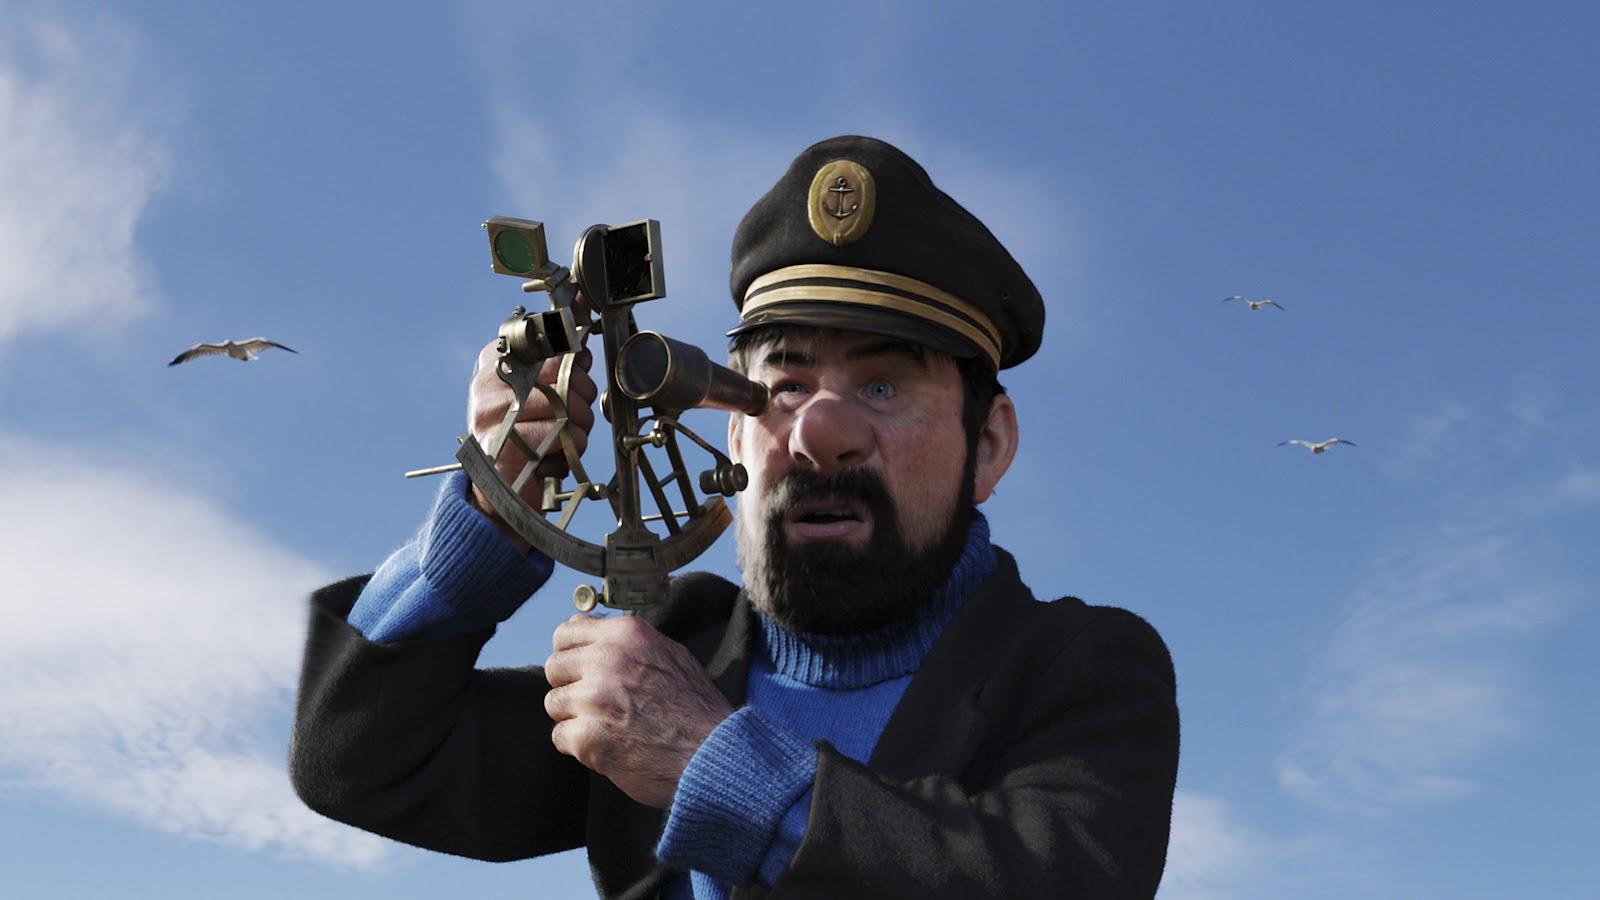 http://1.bp.blogspot.com/-X2MIo5bFOCo/TzRkkqKHIeI/AAAAAAAAGSc/n1eS1-TbWMA/s1600/Tintin_still_Haddock.jpg